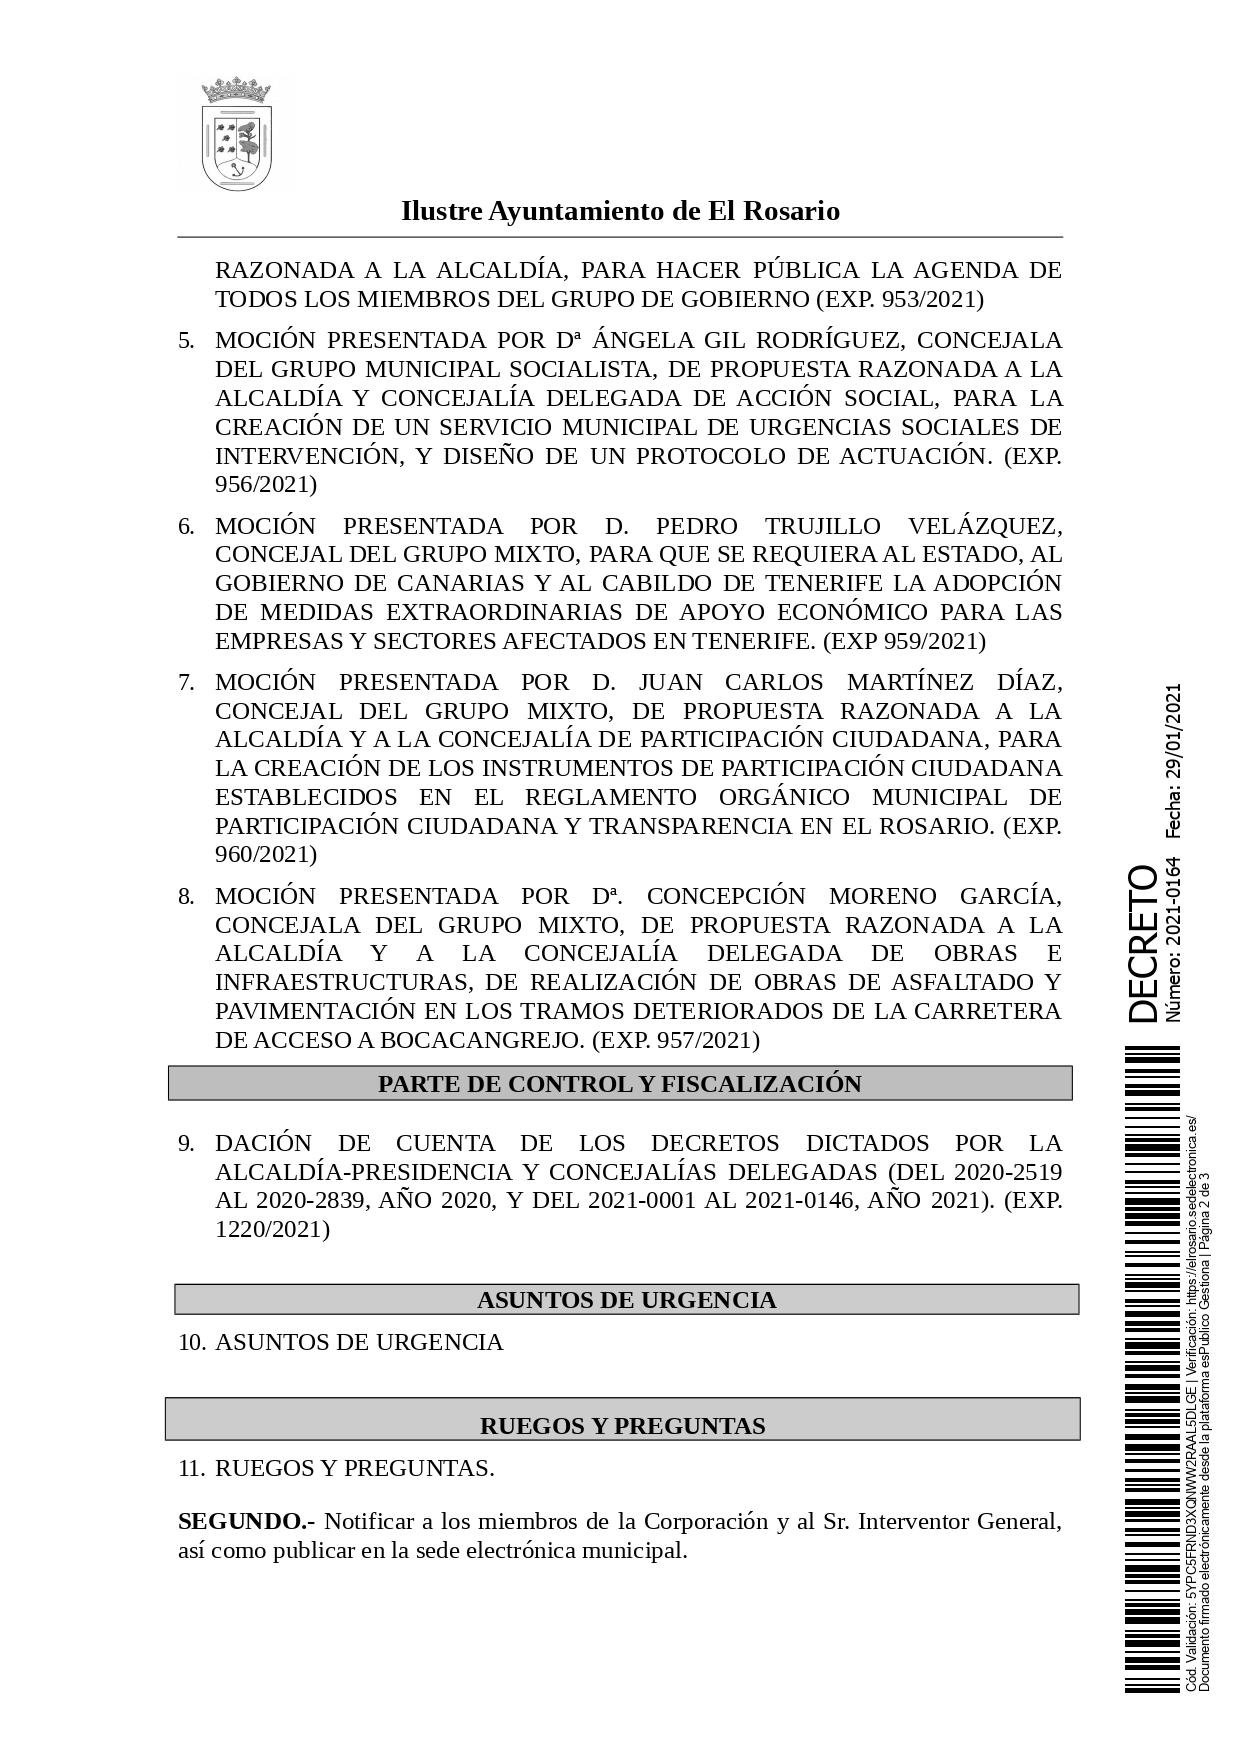 20210129_DECRETO 2021-0164 [Decreto Convocatoria Pleno Ordinario de 4 de febrero de 2021]_page-0002